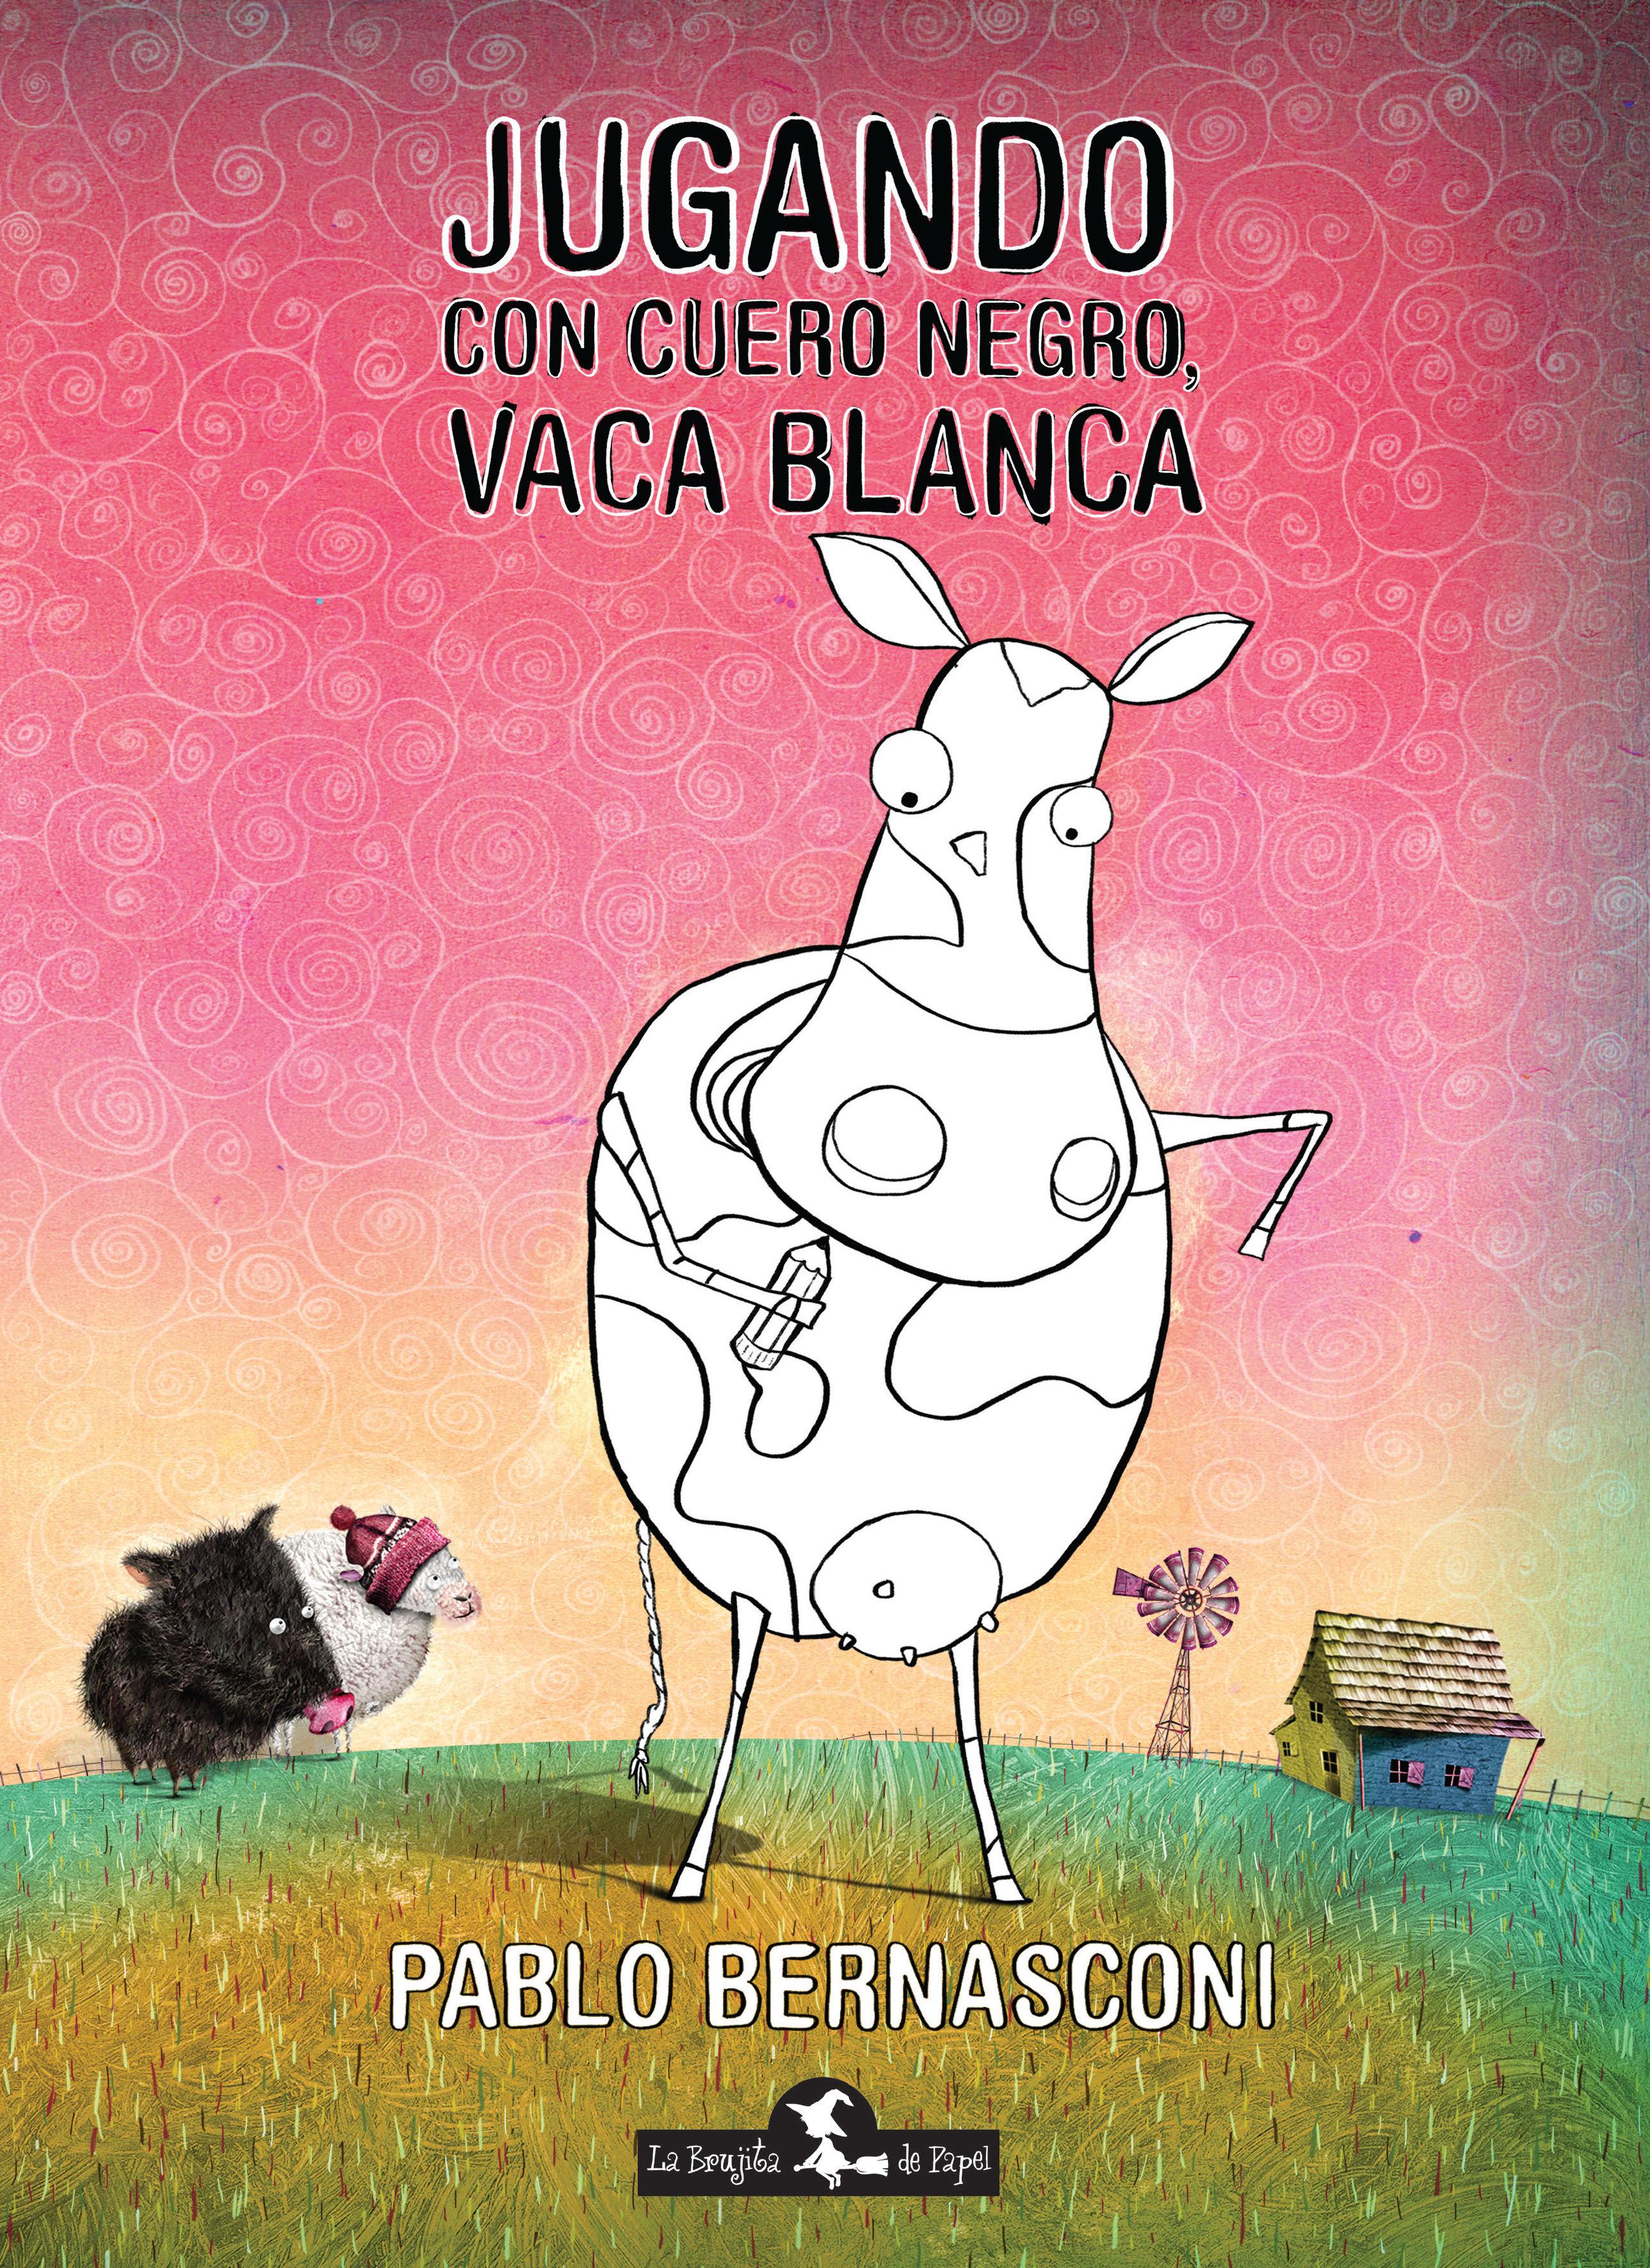 Jugando con Cuero negro, vaca blanca - Bernasconi Pablo